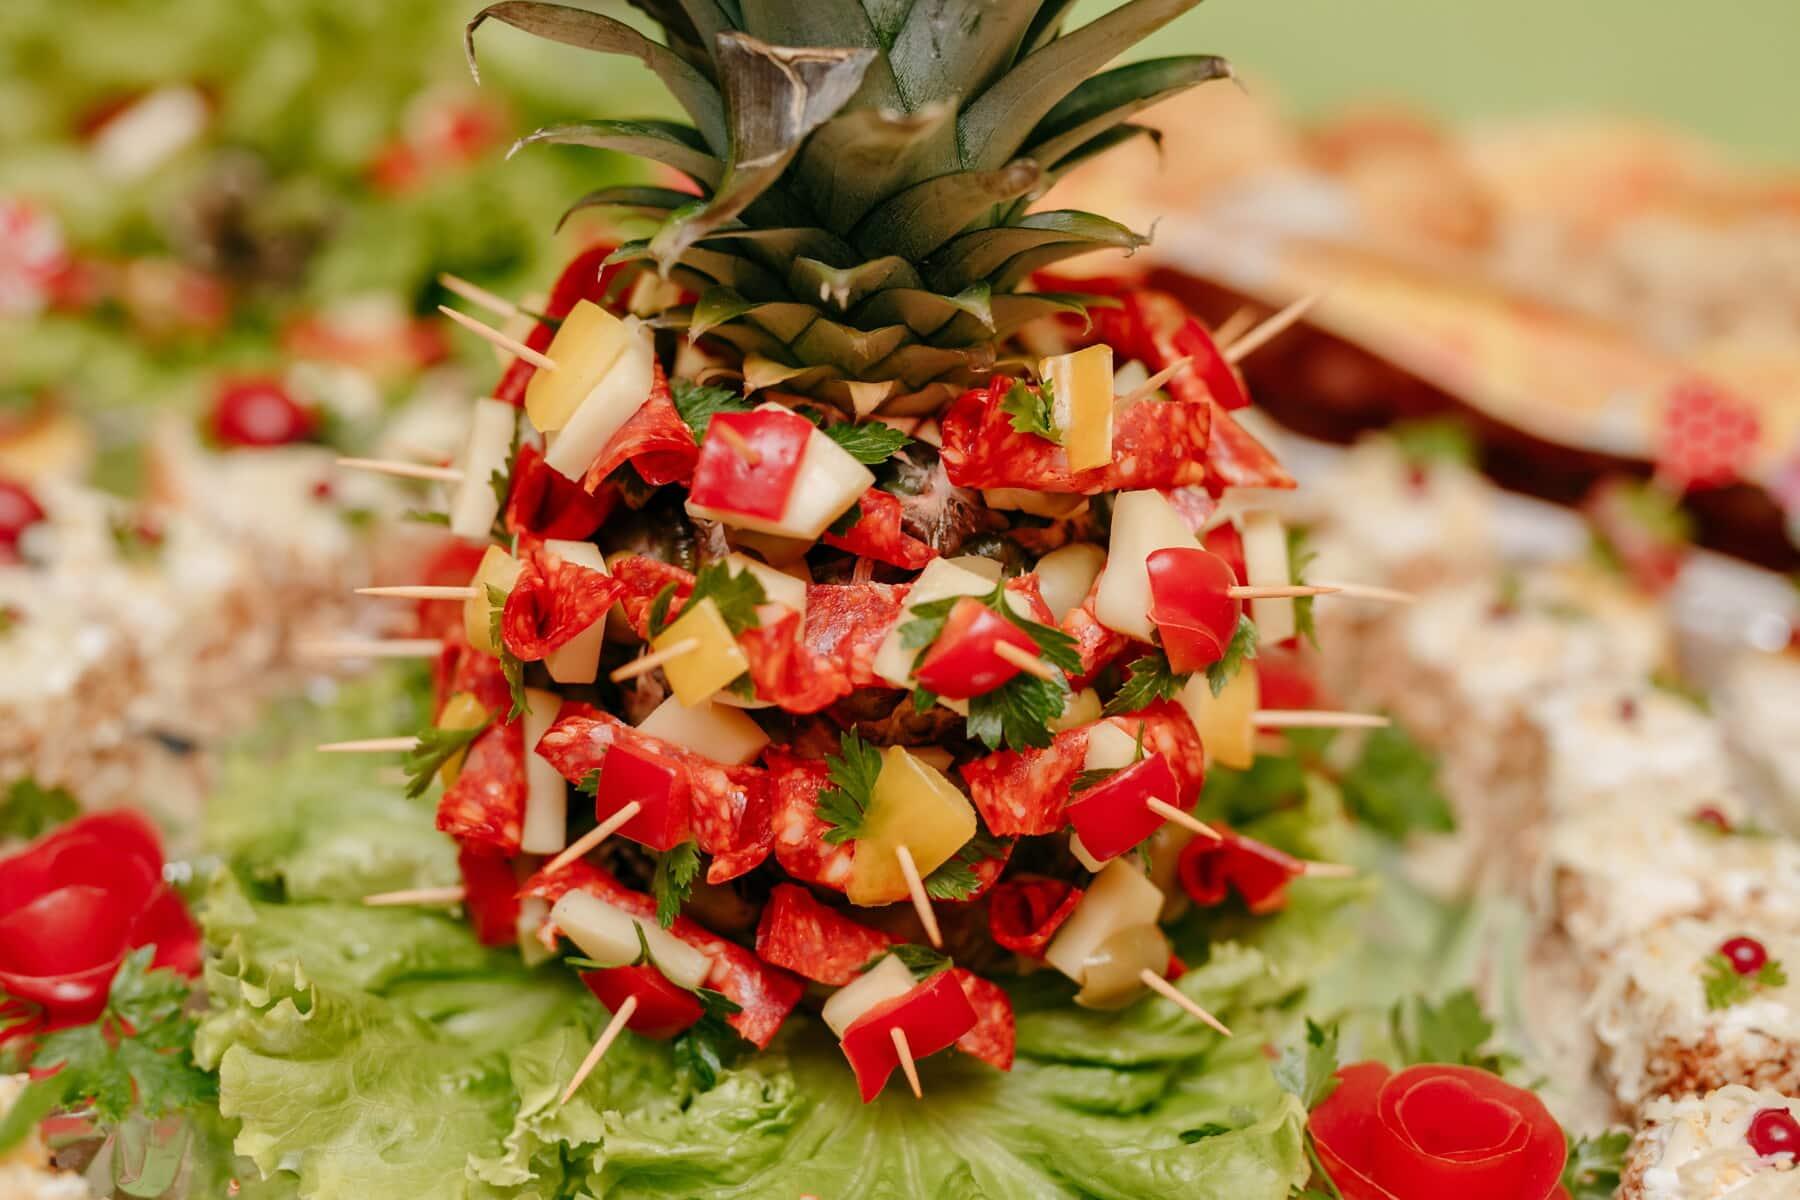 菠萝, 装饰, 奶酪, 香肠, 干酪, 肉, 餐饮, 安排, 番茄, 美味